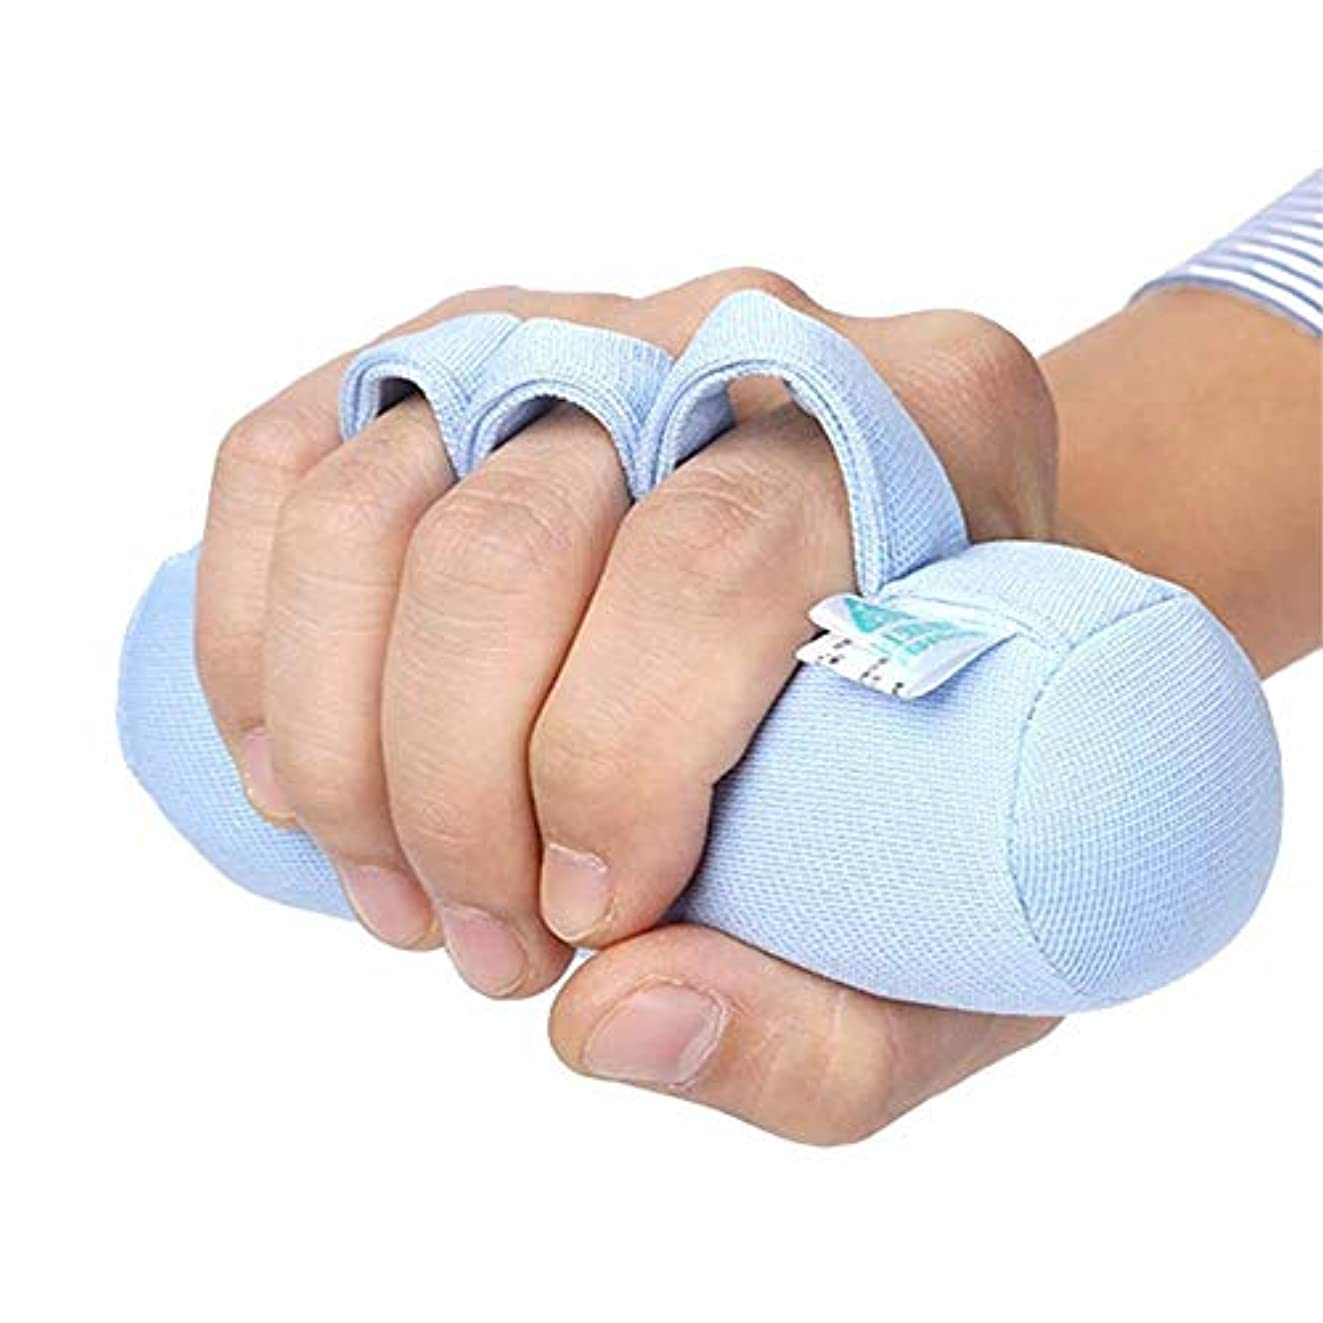 士気高揚した器用指の怪我のサポート、指のトレーニングリハビリテーション運動ツール右手左手中立手拳ボードを使用